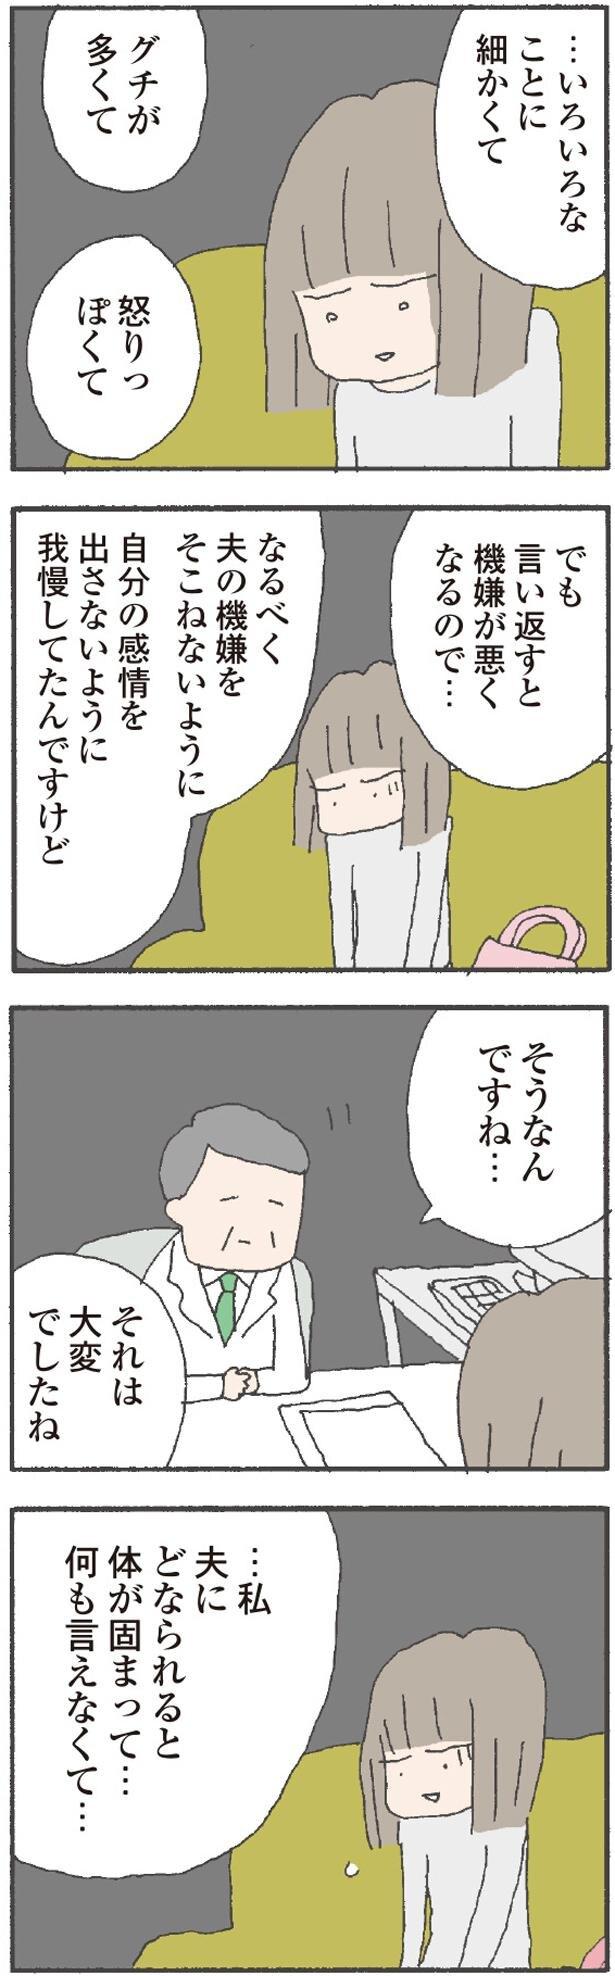 場合 も の です 翔子 て 離婚 か いい し